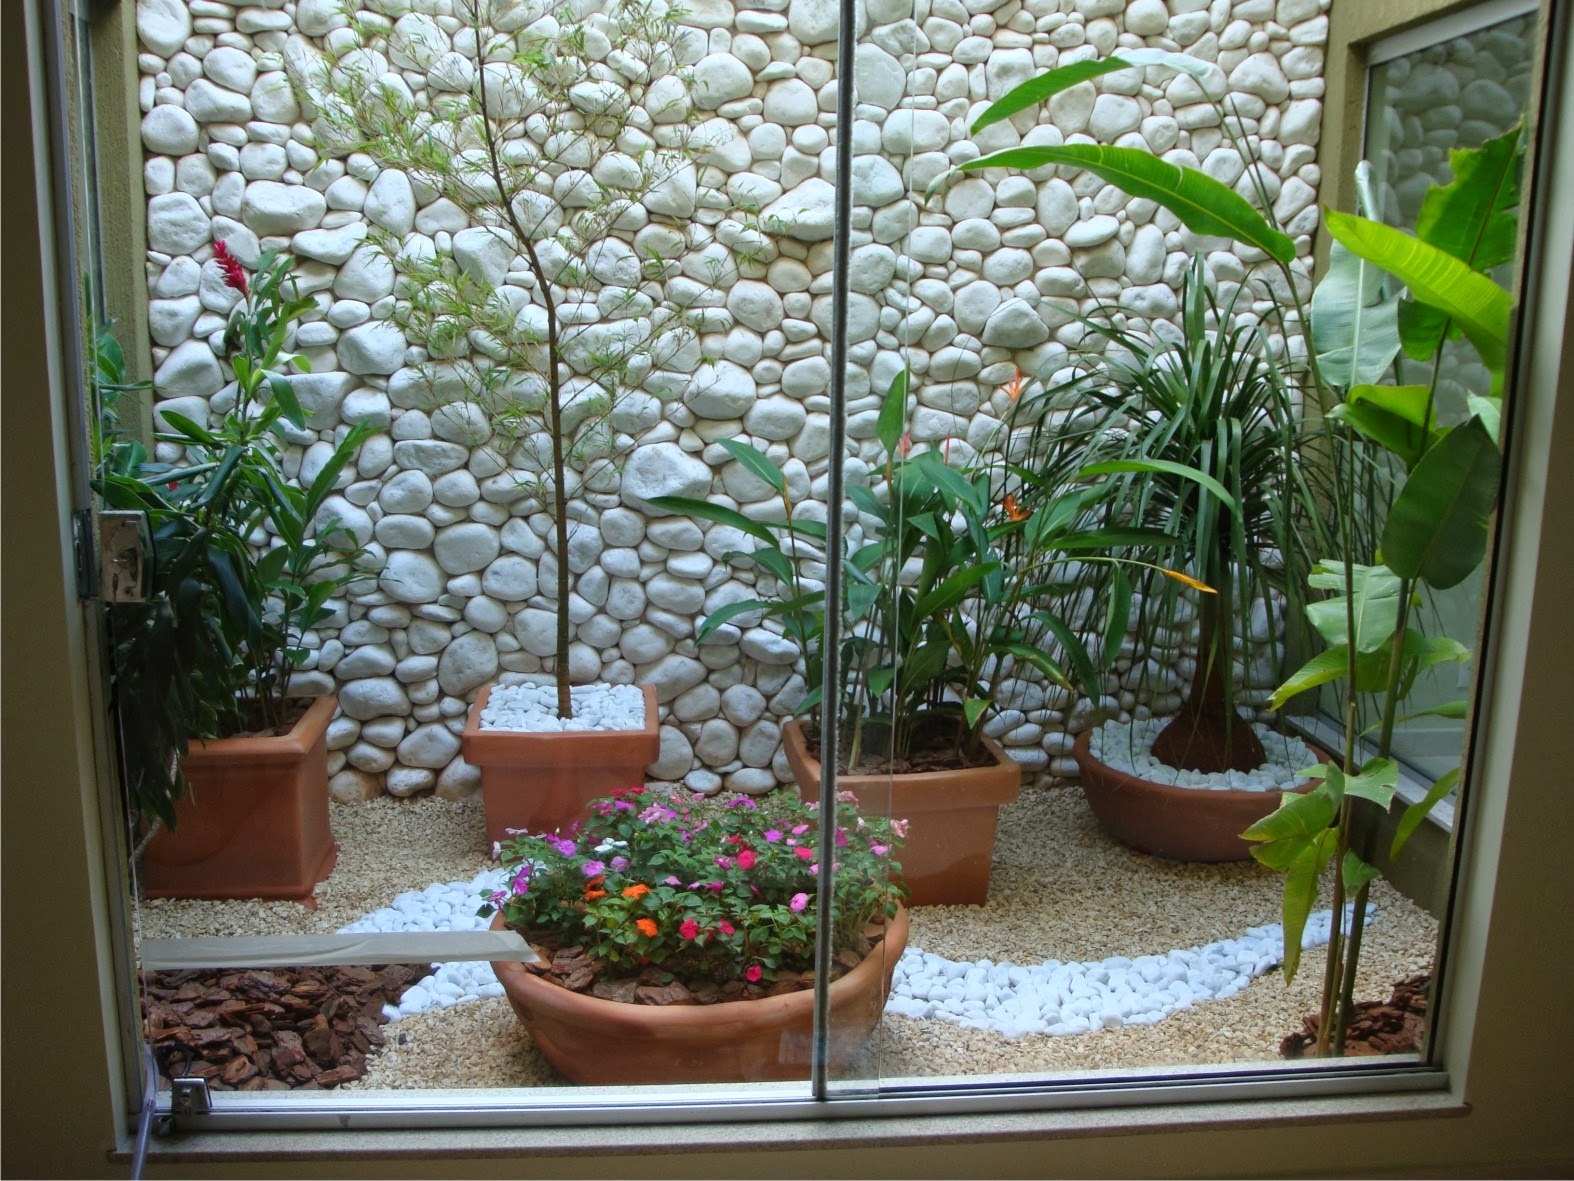 plantas jardim fotos:Jardim de Inverno – veja modelos, dicas e sugestões de quais planta